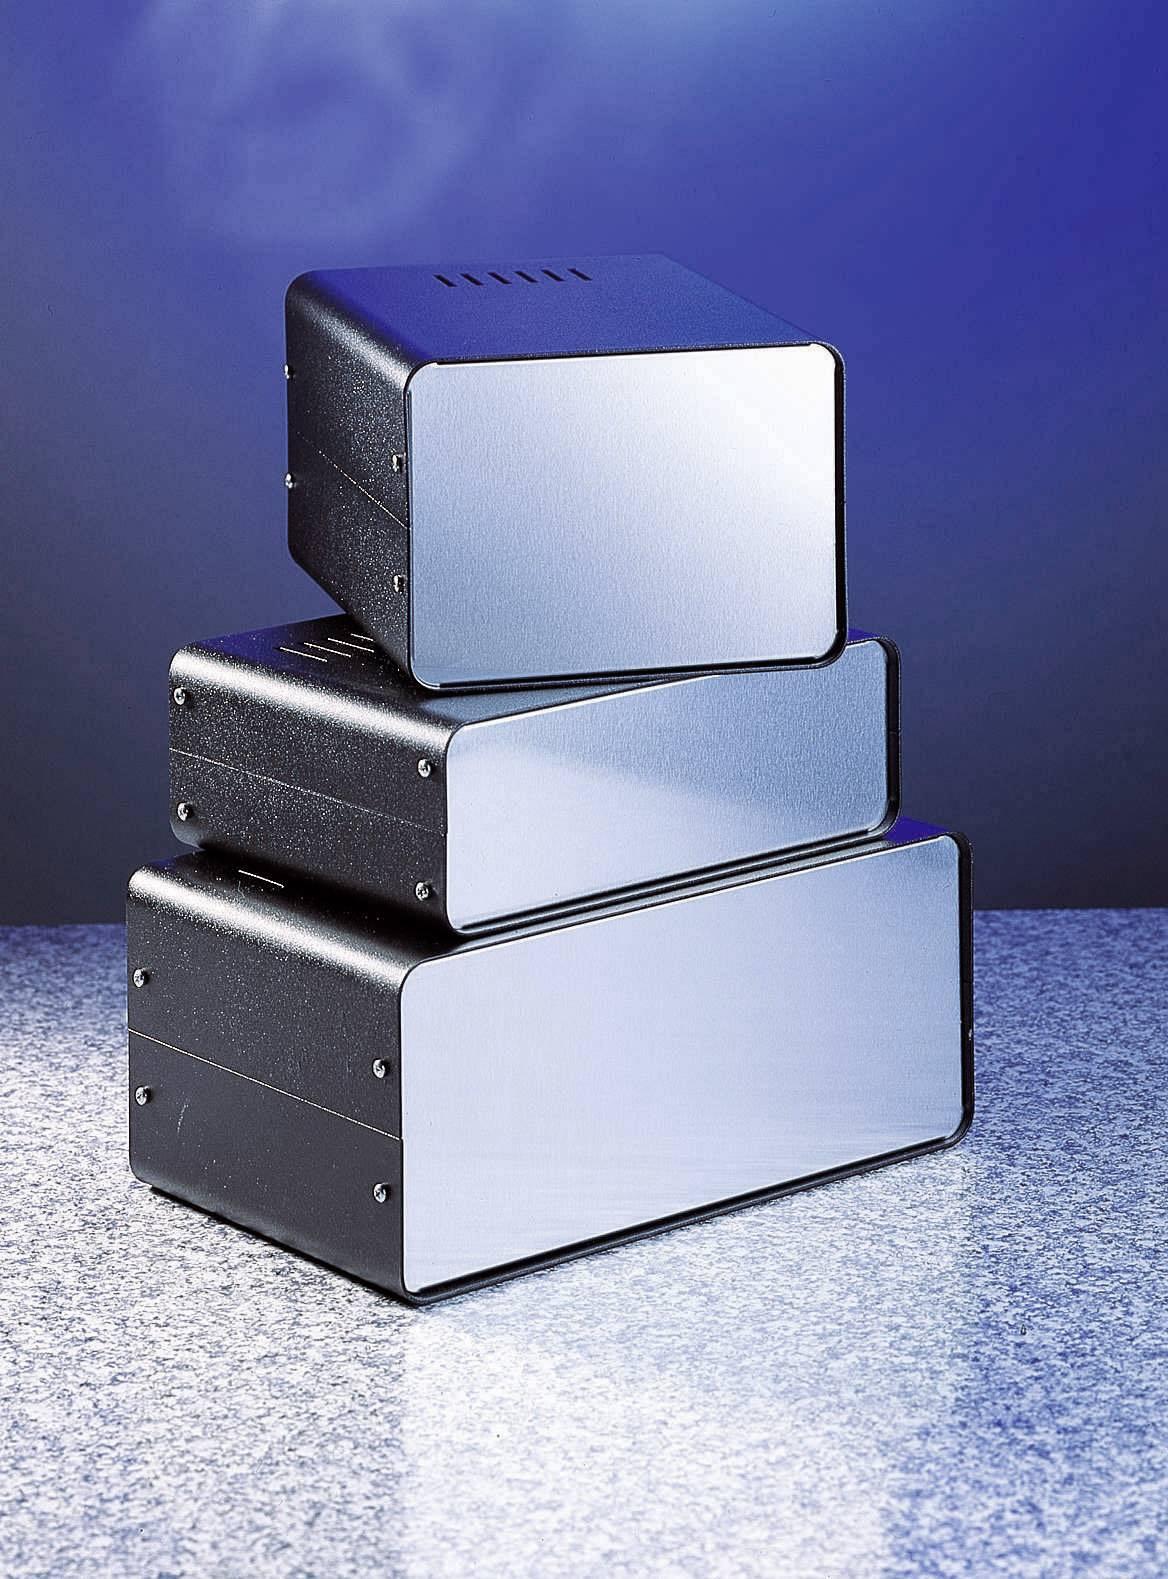 Univerzálne púzdro GSS06 GSS06, 150 x 200 x 110 , oceľ, hliník, čierna, 1 ks